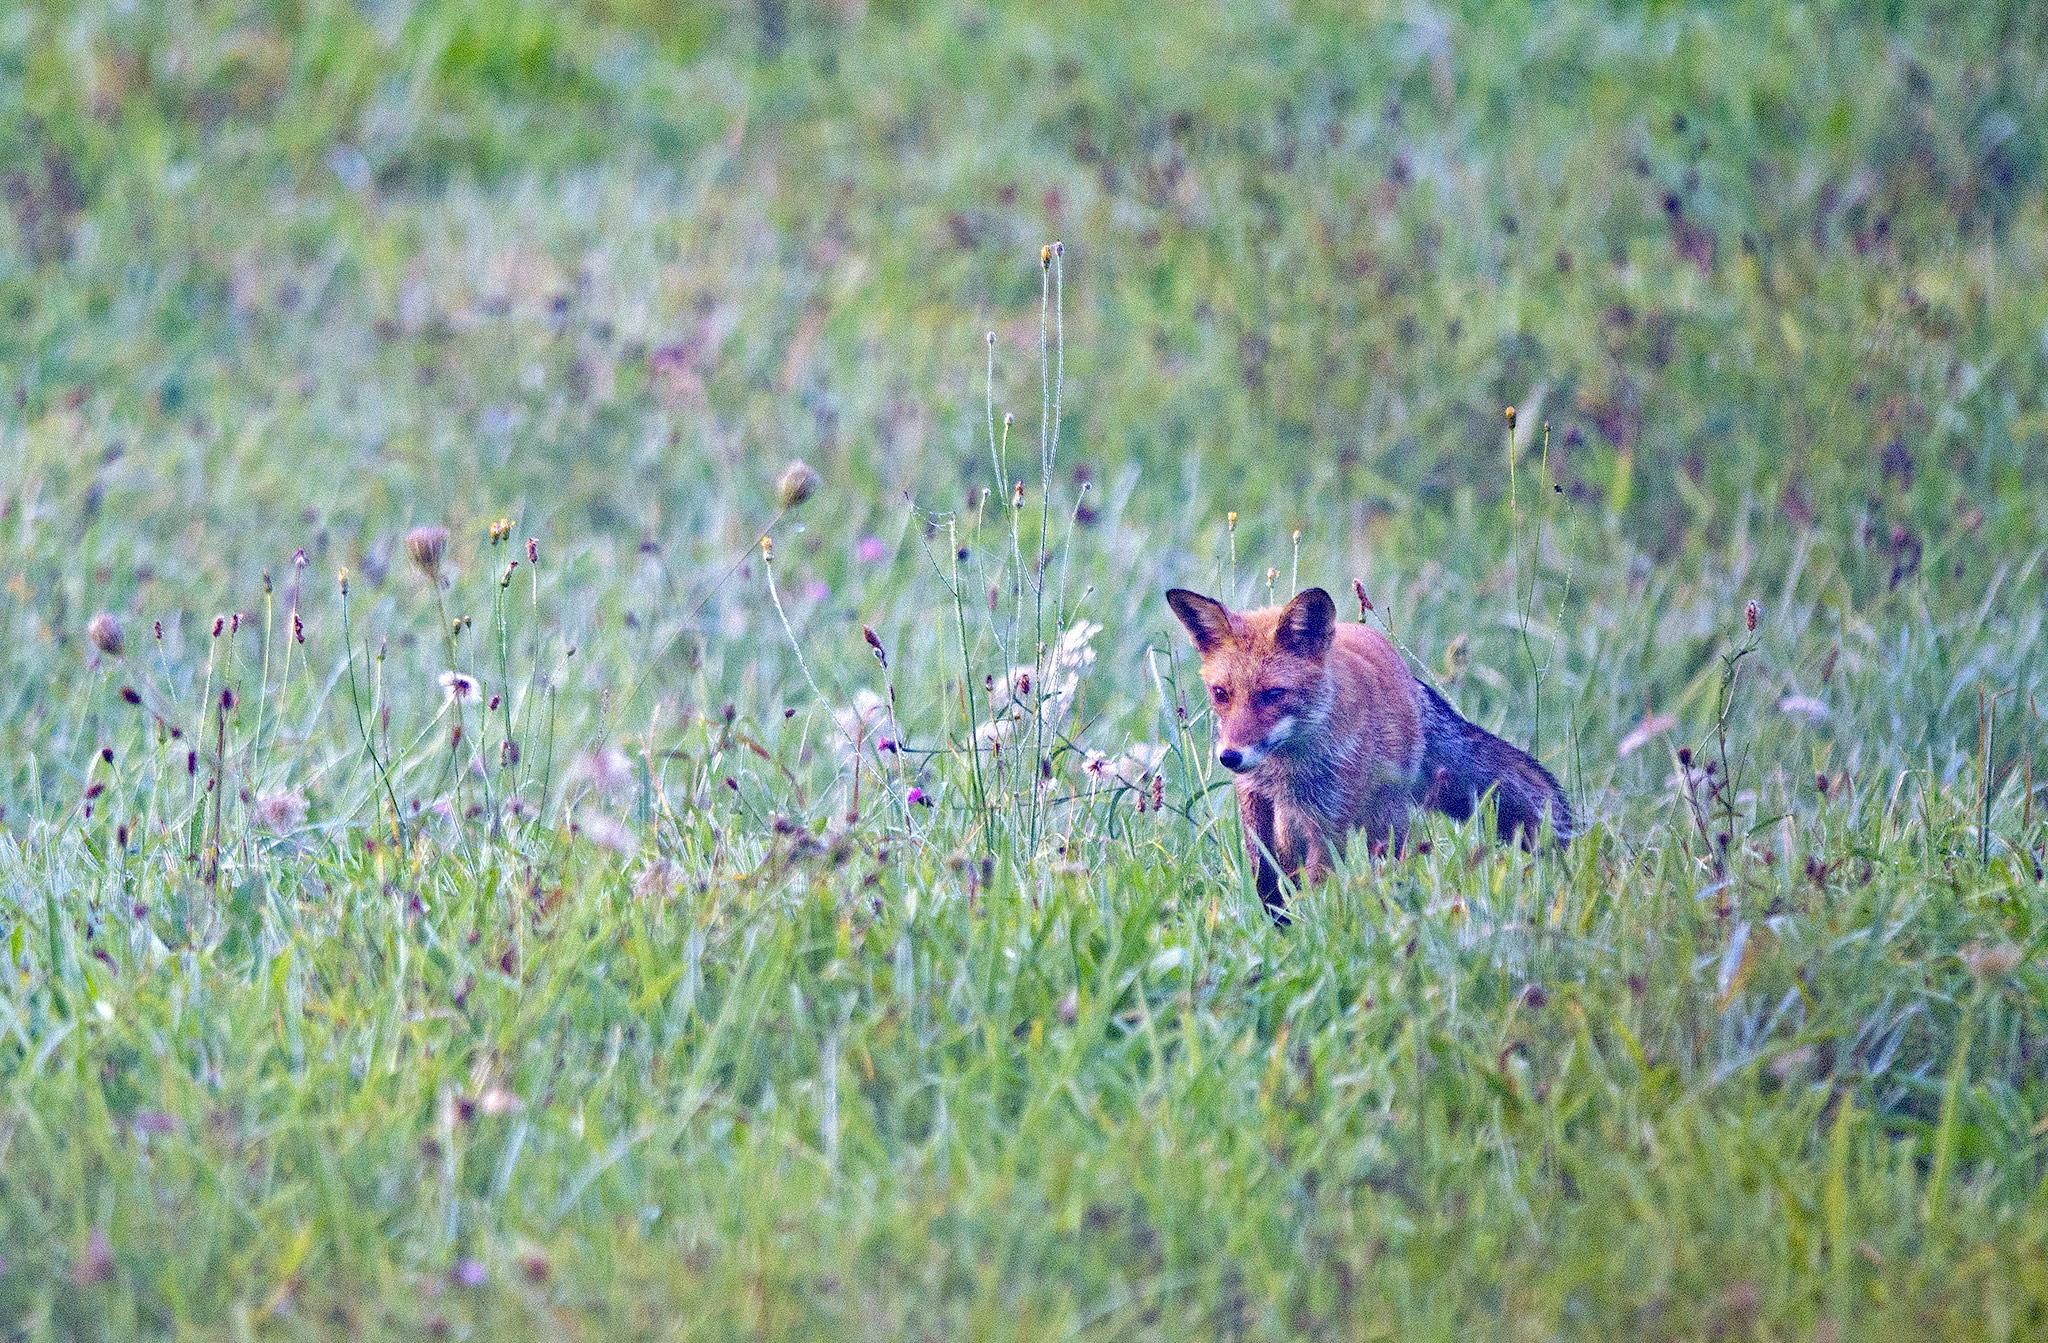 Le Renard roux, contrairement à de nombreux canidés qui chassent en meute, part en quête de nourriture en solitaire.